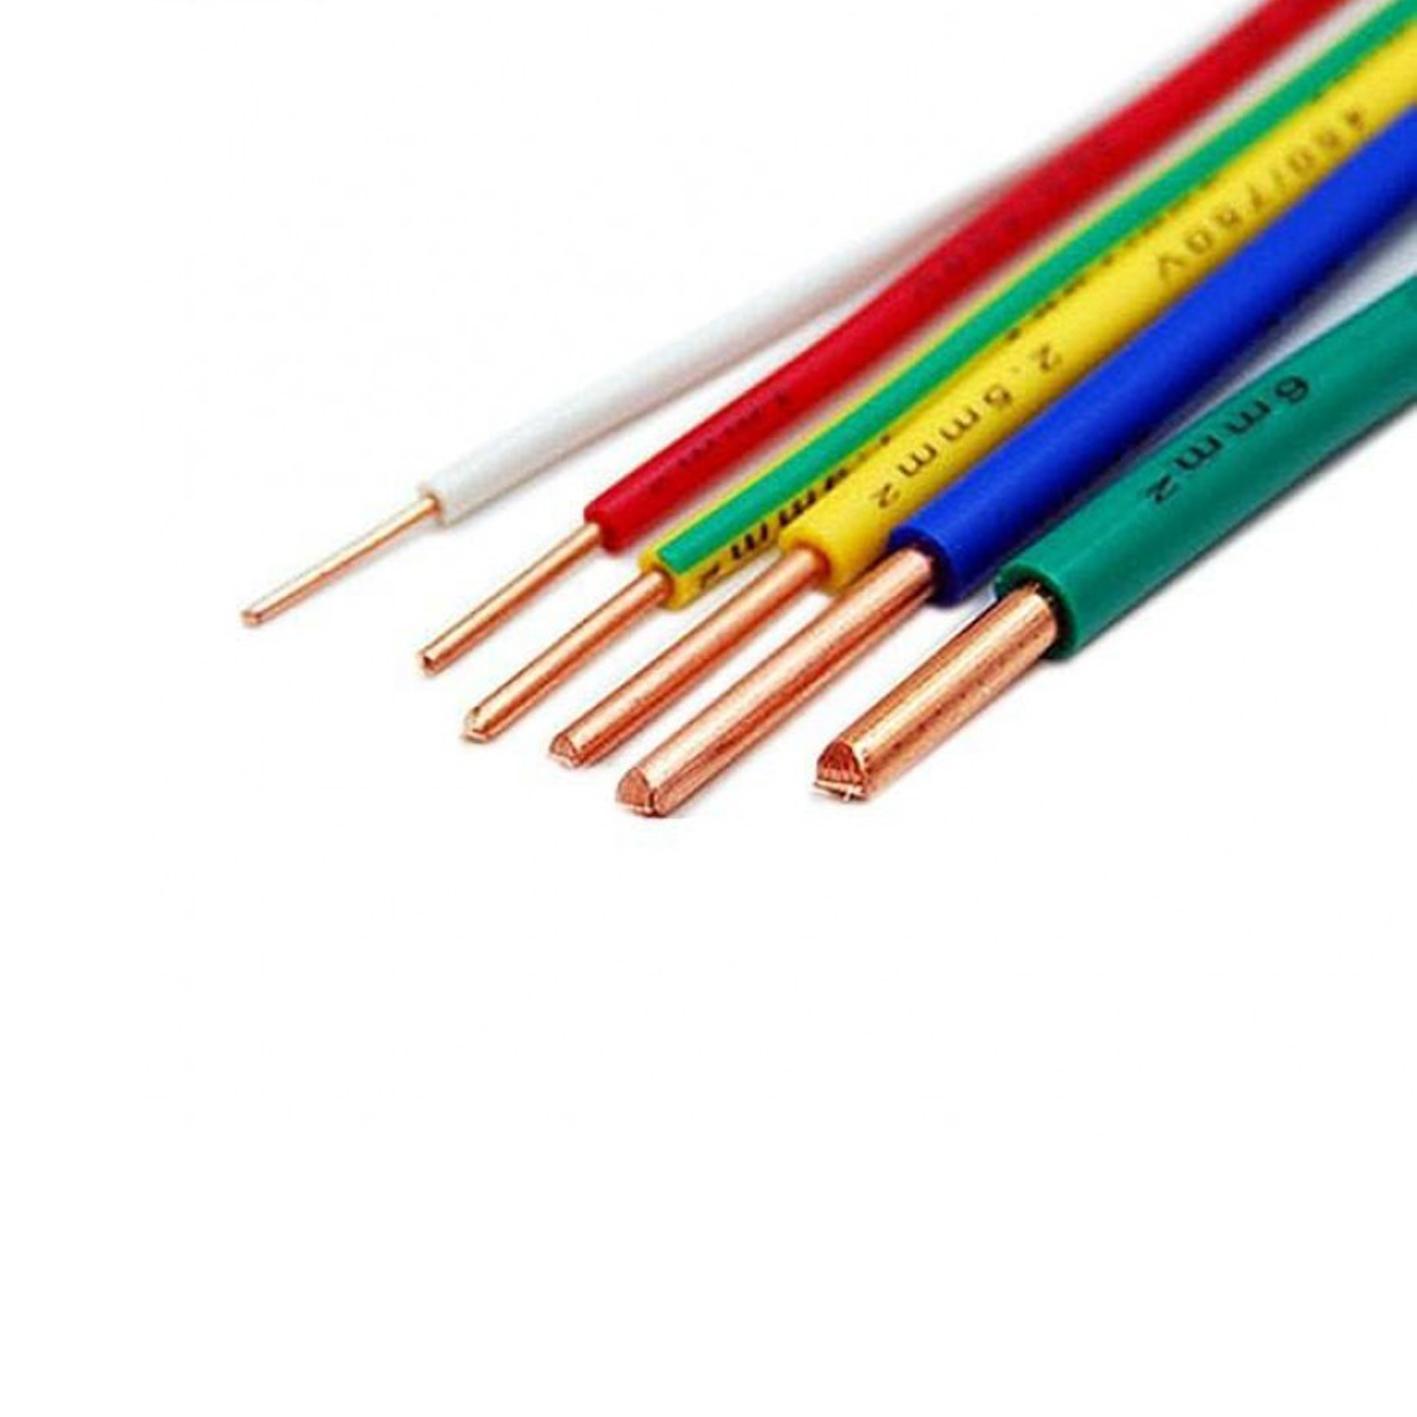 Öznur 10 mm NYA Kablo (100m)